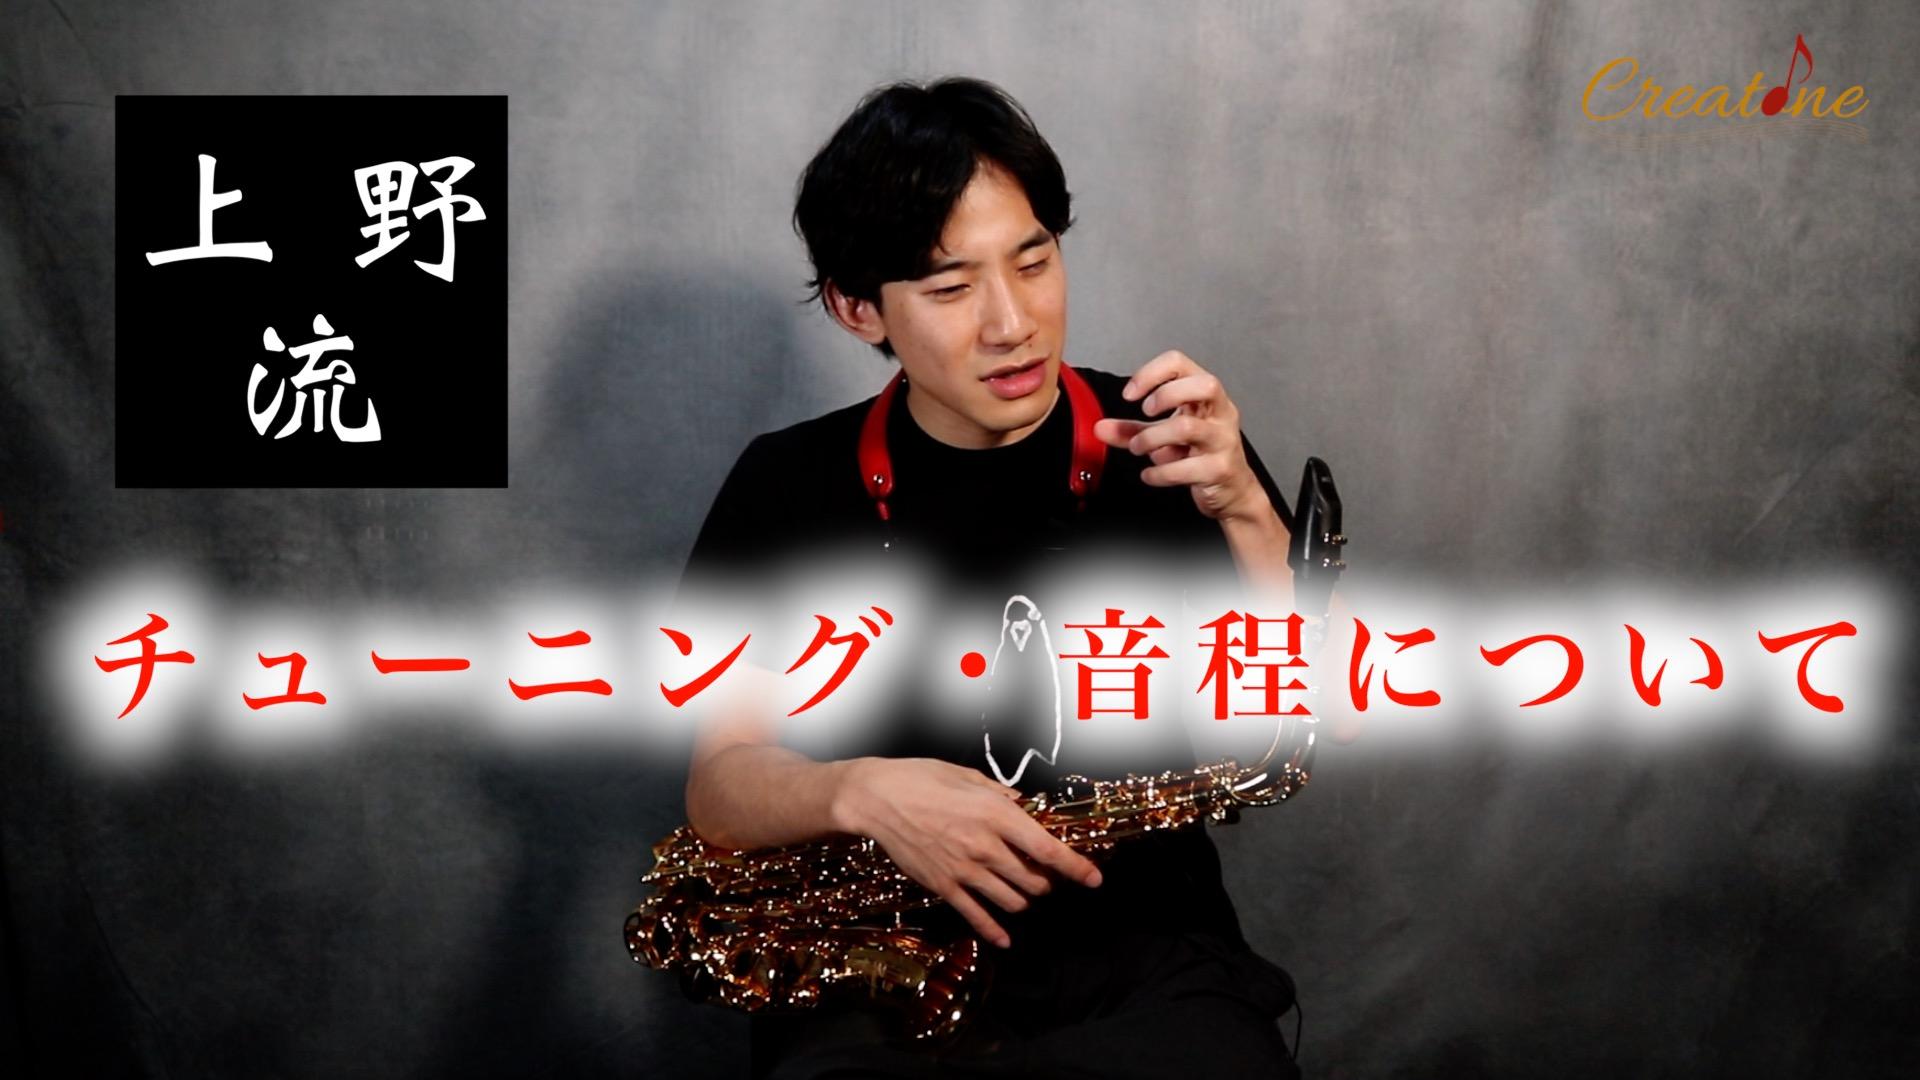 上野耕平16 チューニング・音程について サムネ